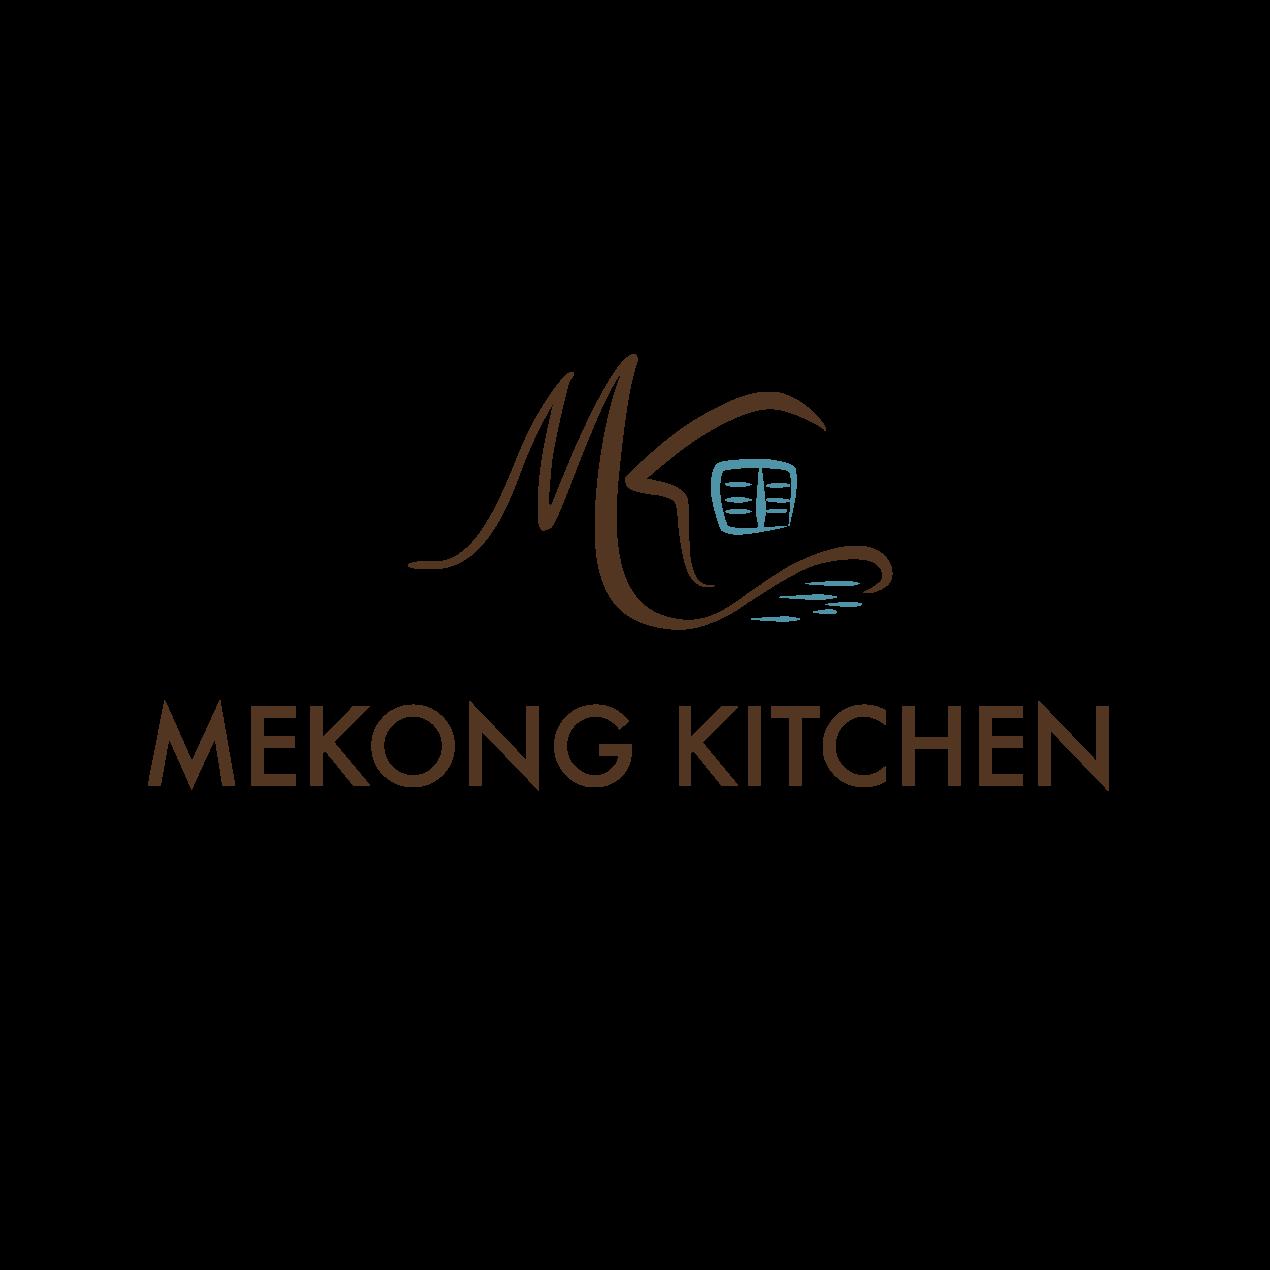 LOGO MEKONG KITCHEN